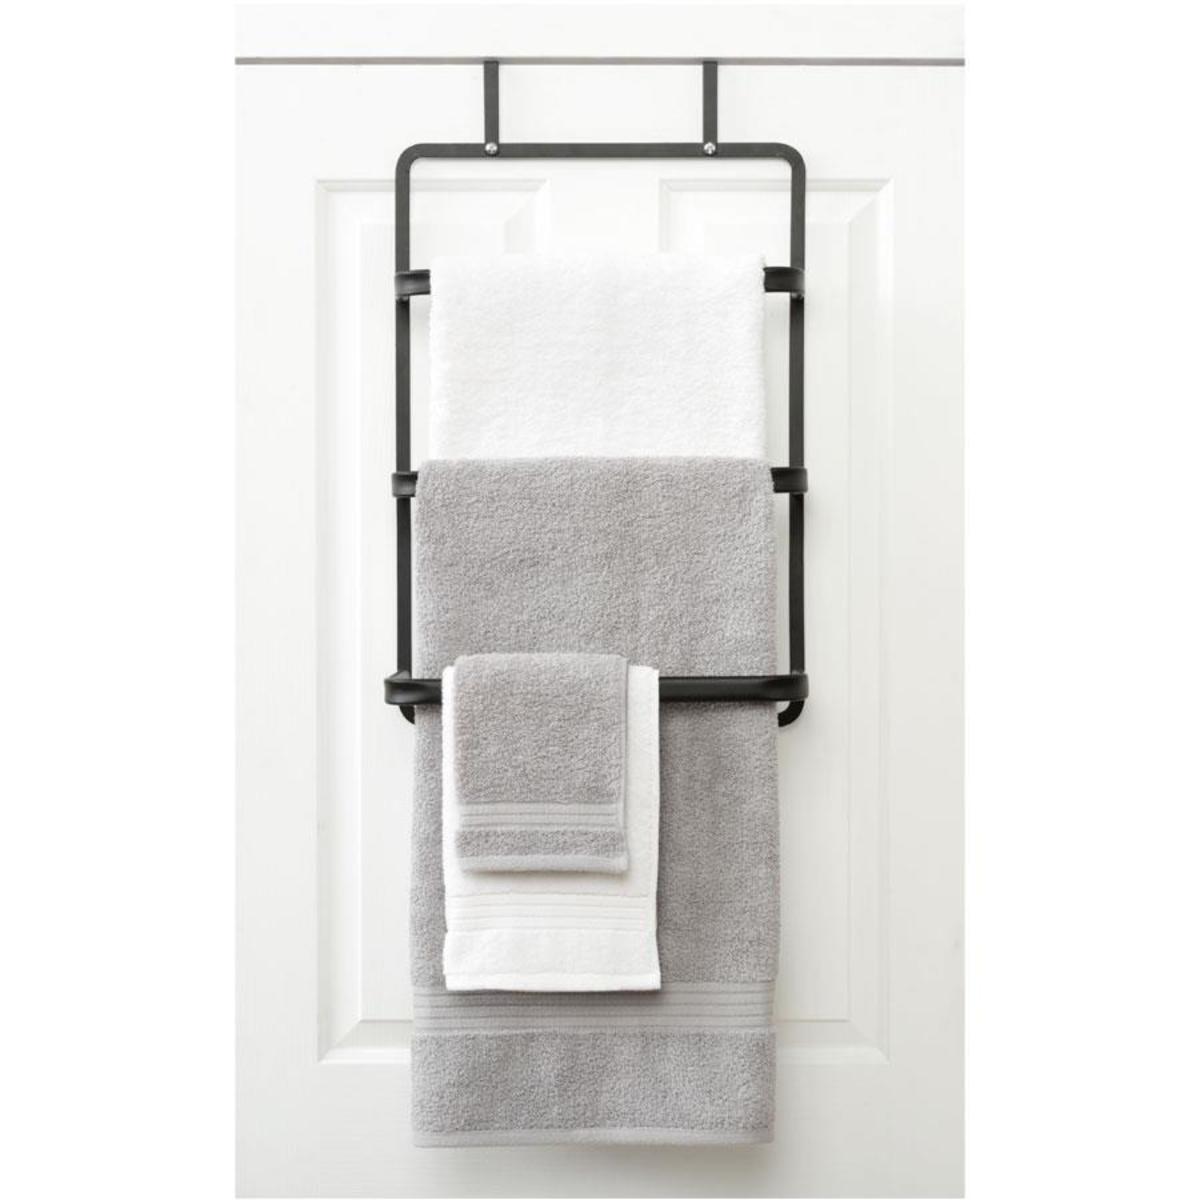 Uncategorized Towel Hangers For Doors over the door towel rack kmart user login